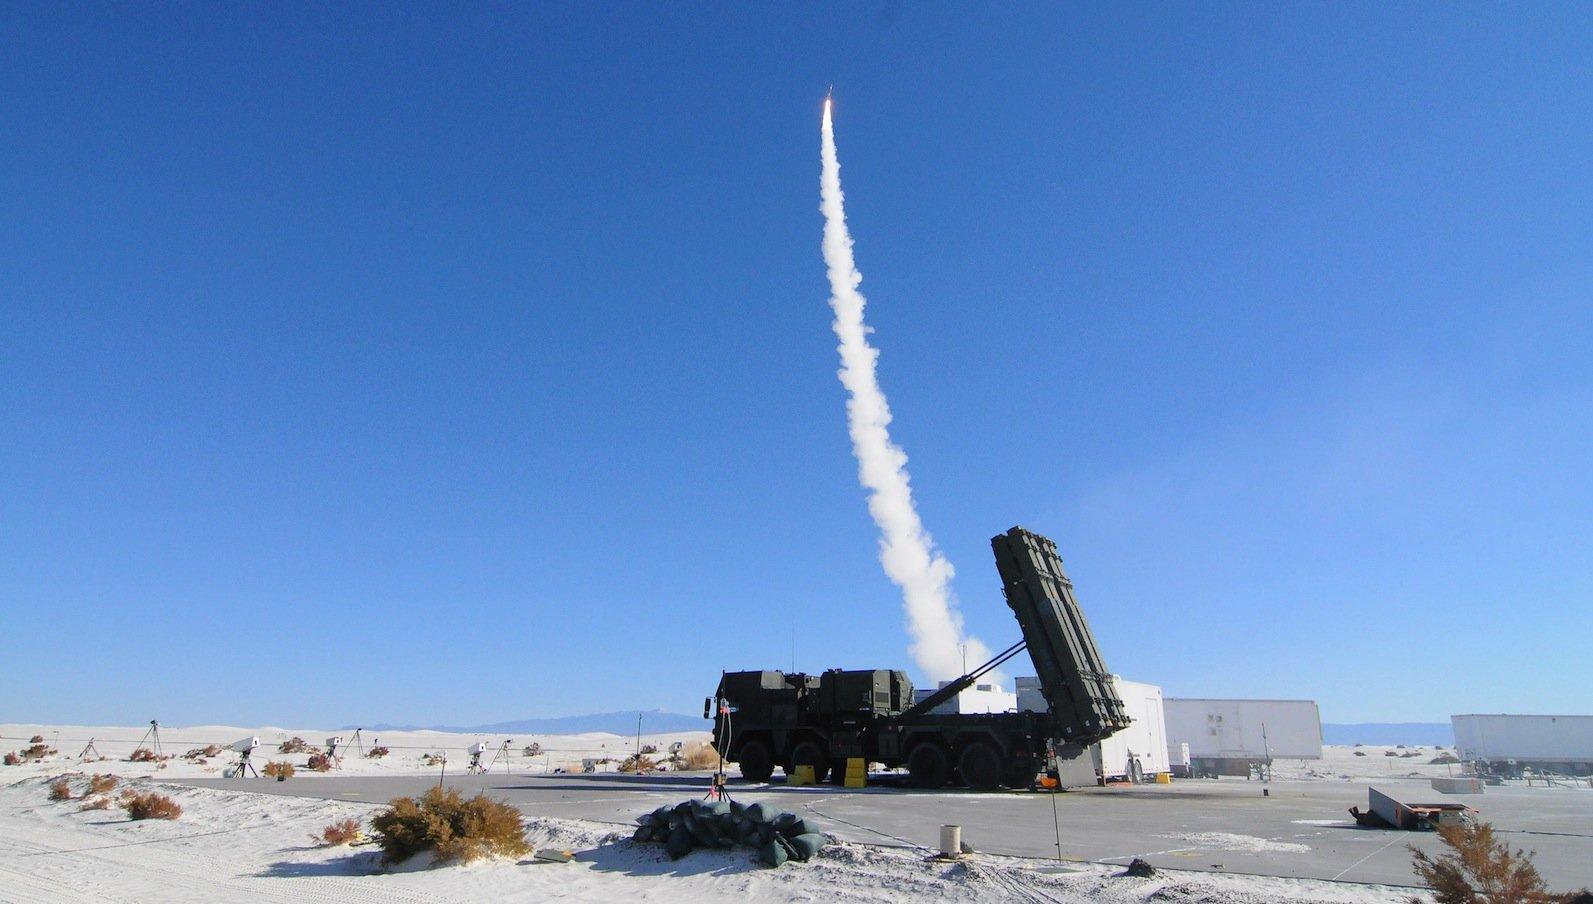 Das Flugabwehrsystem Meads ist bereit für den Test. Im Hintergrund ist eine Rakete vom TypPAC-3 MSE zu sehen. Das Meads-System ist für den Einsatz mehrerer Länder bestimmt und passt deshalb auch auf die verschiedenen militärischen Lkw.